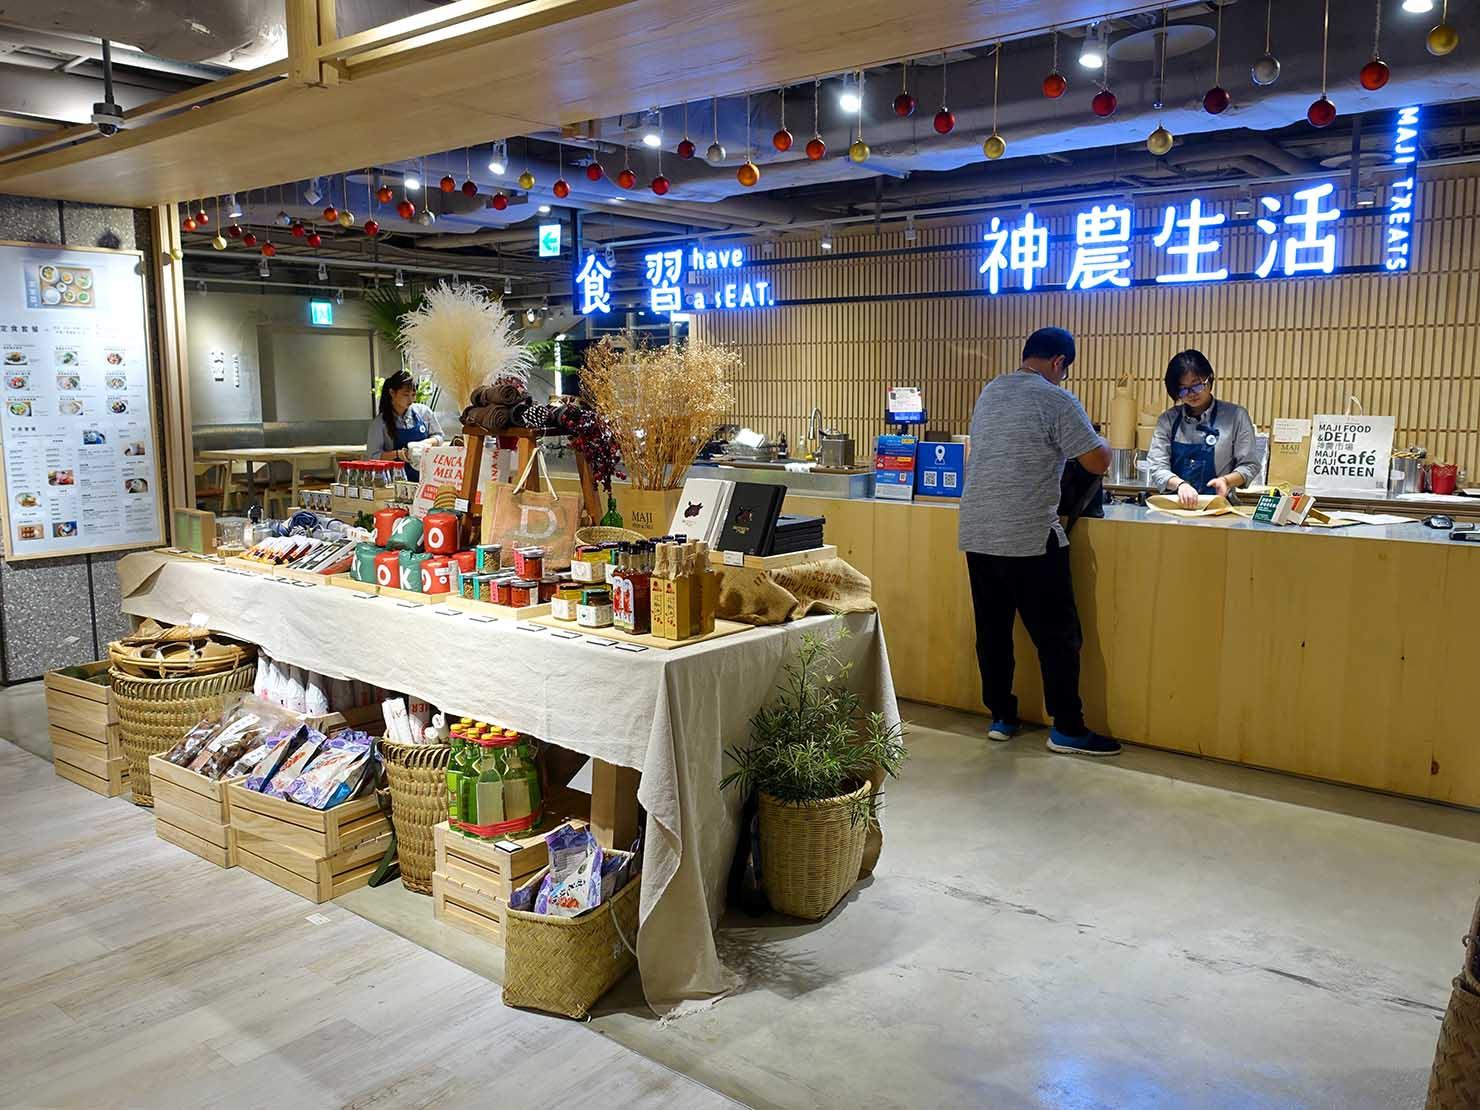 台北おみやげ探しにおすすめな「誠品生活南西店」4Fの神農生活